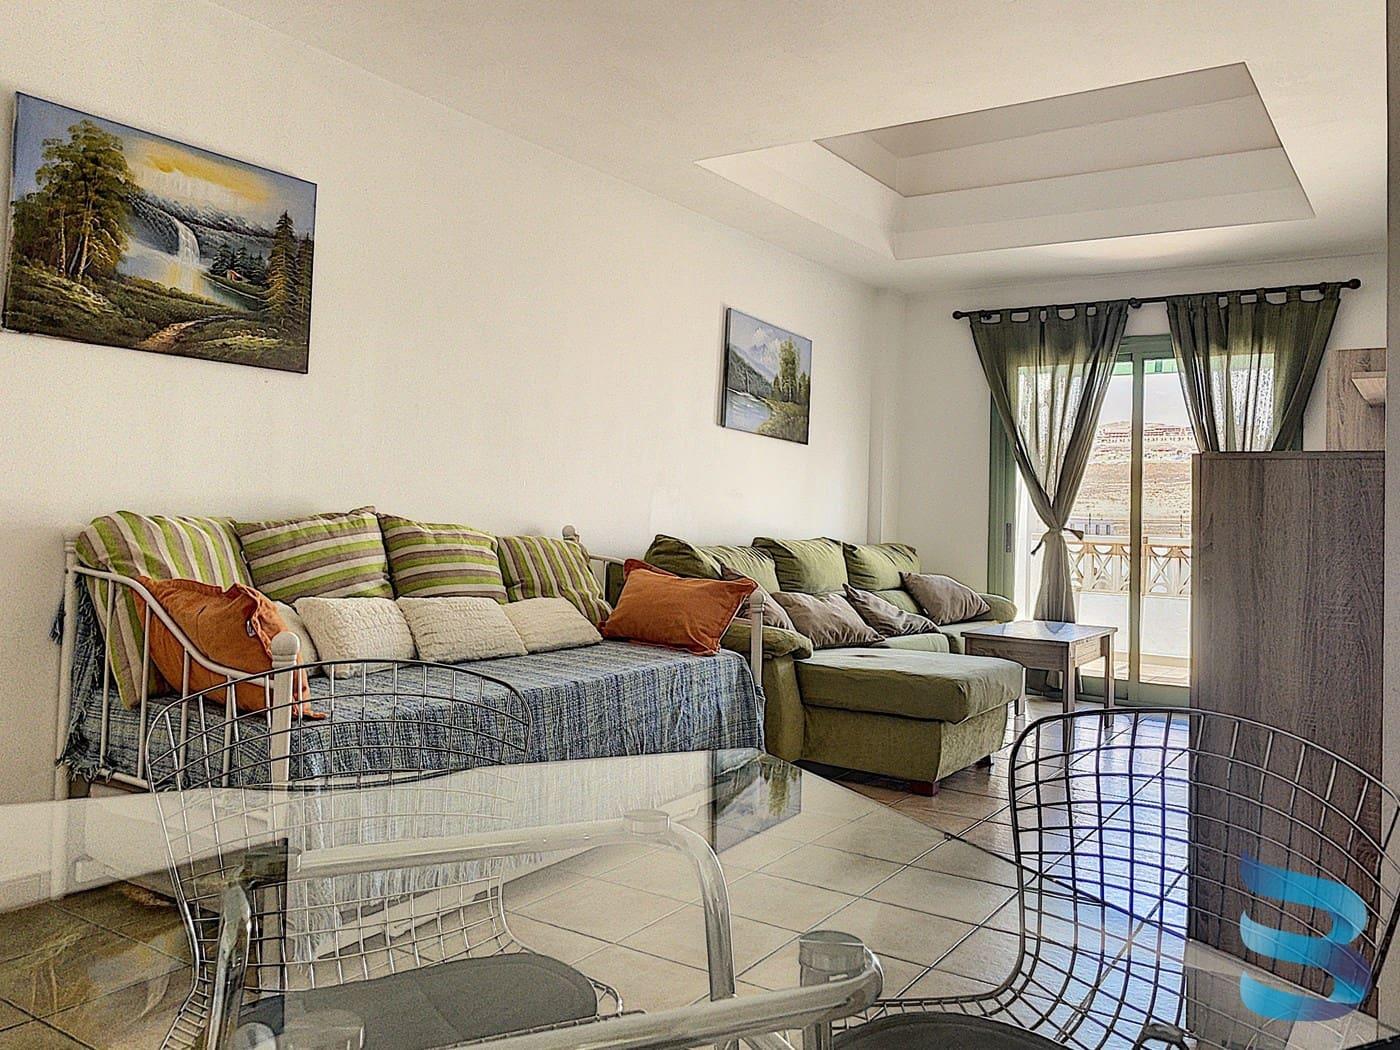 1 bedroom Apartment for rent in Caleta de Fuste - € 515 (Ref: 5414130)